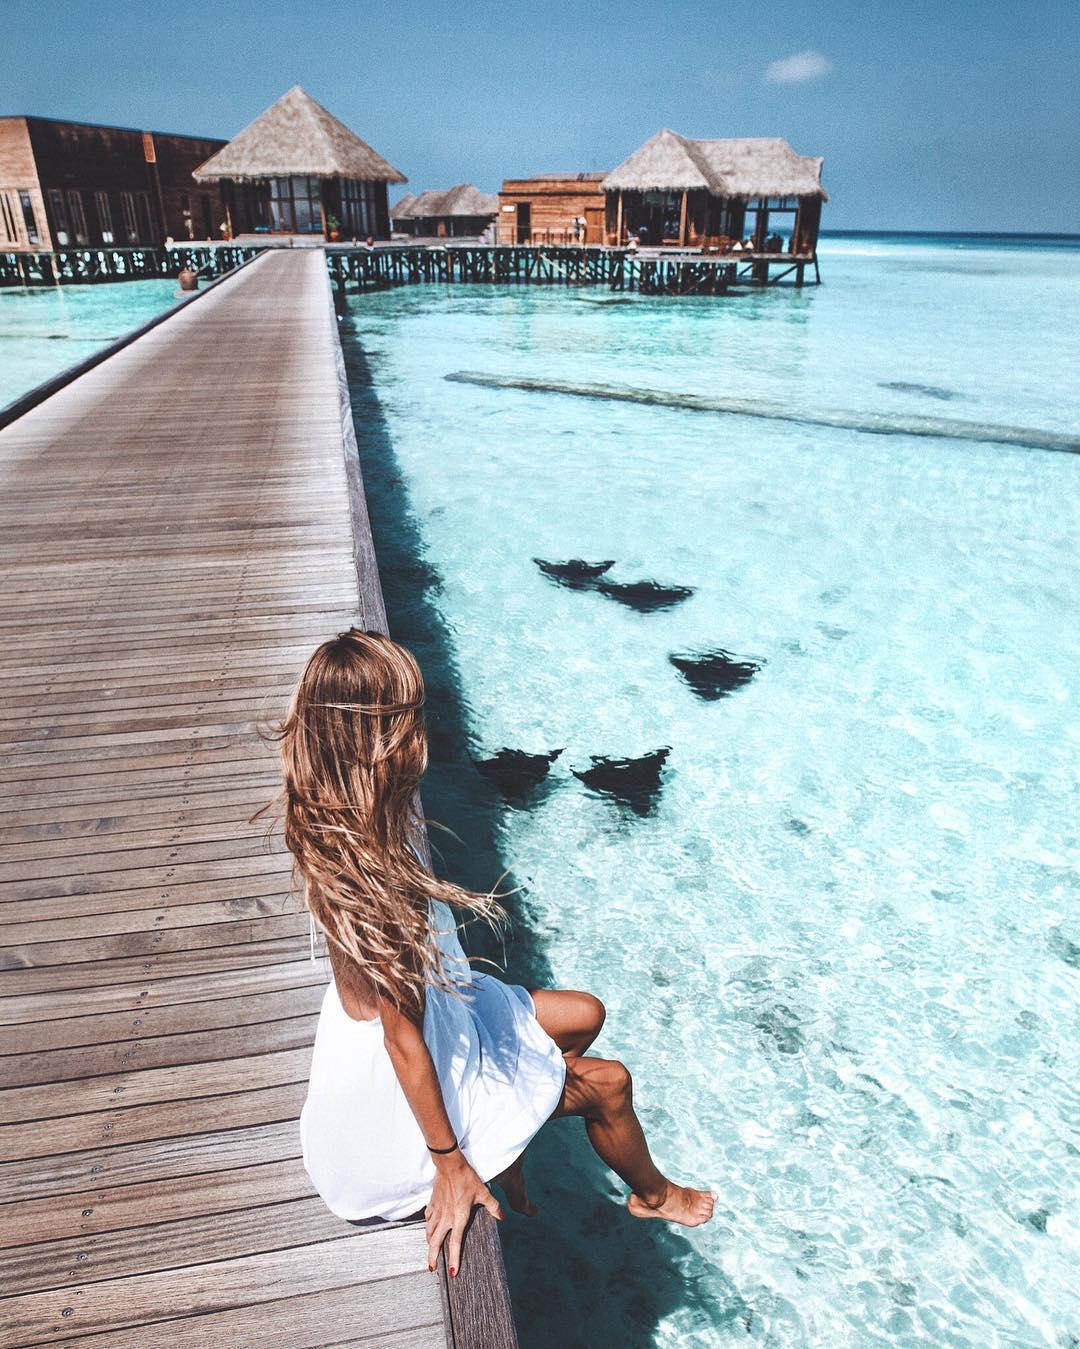 Conrad Maldives, credits to @debiflue on Instagram